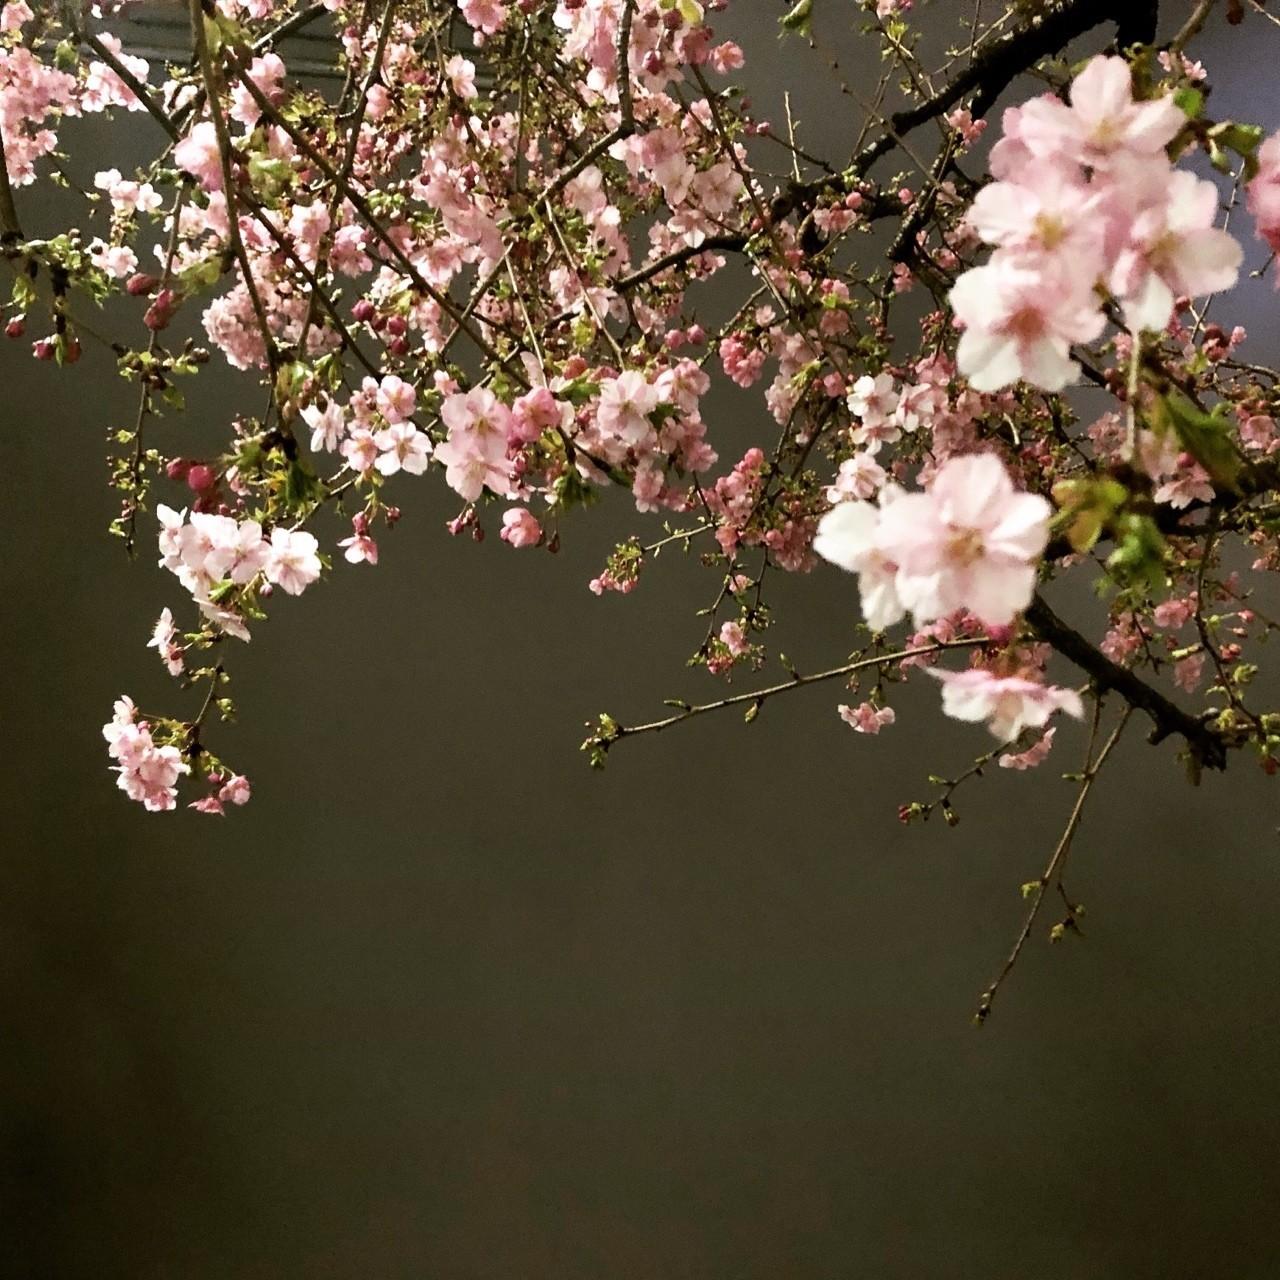 一気に春めいてきた。あったかい1日でした。#桜 #春めいて